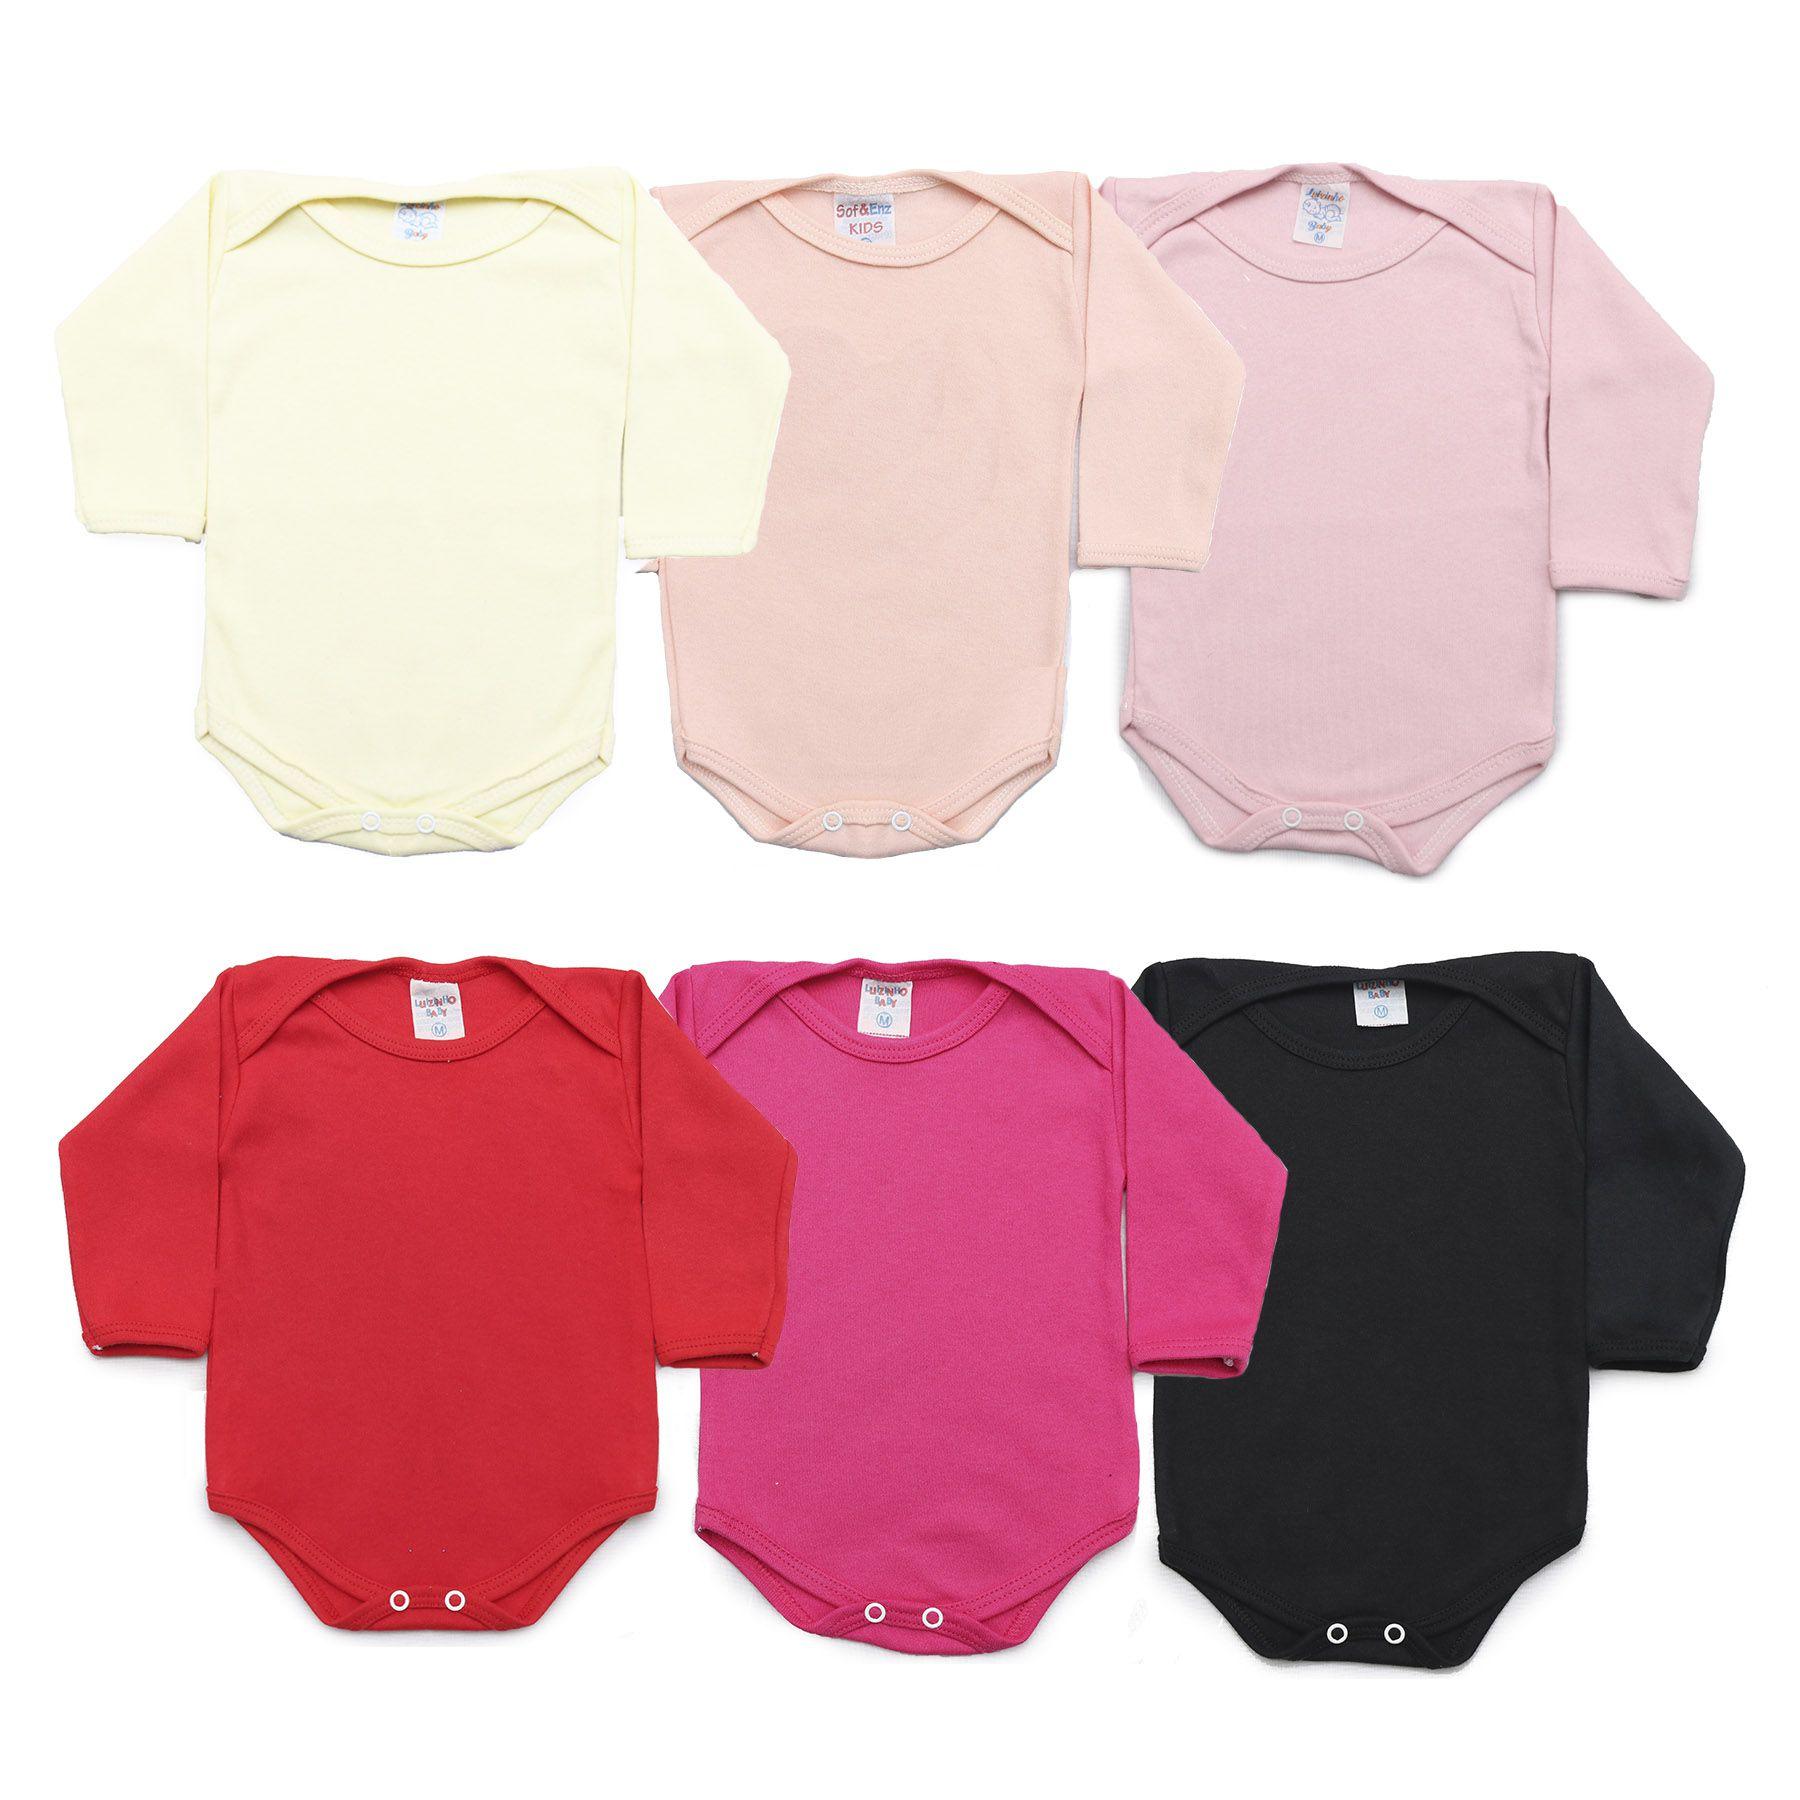 Kit Body Bebê com 6 Peças Menina Colorido